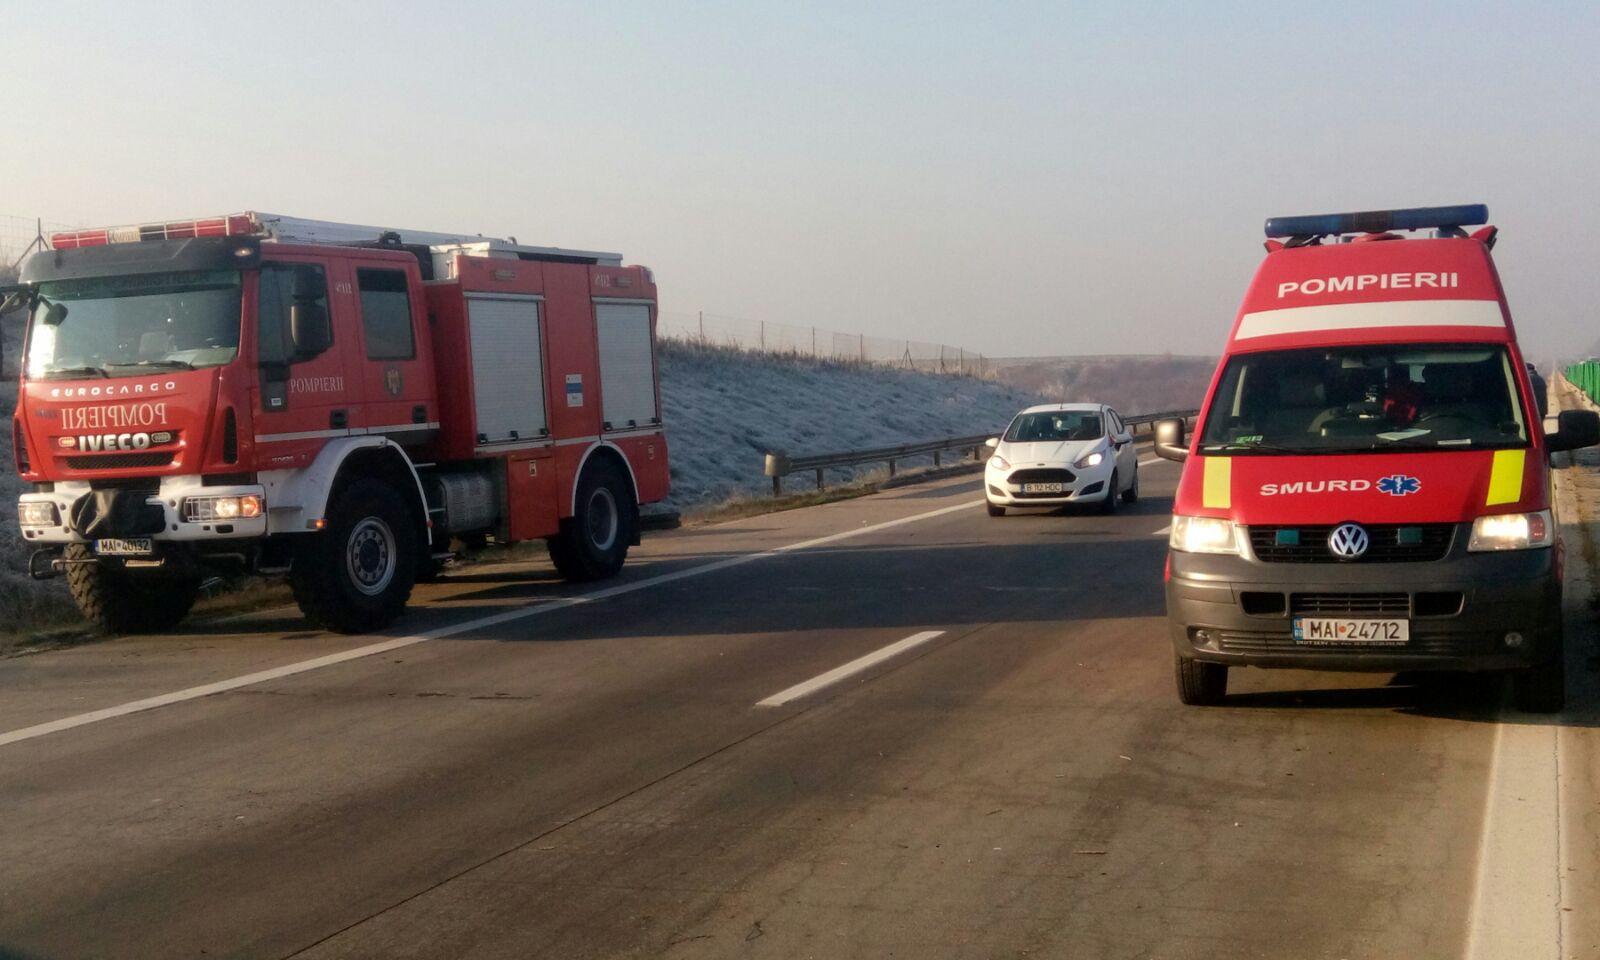 Doi cetăţeni străini au murit după ce maşina în care se aflau a intrat într-un TIR, pe centura Lugojului